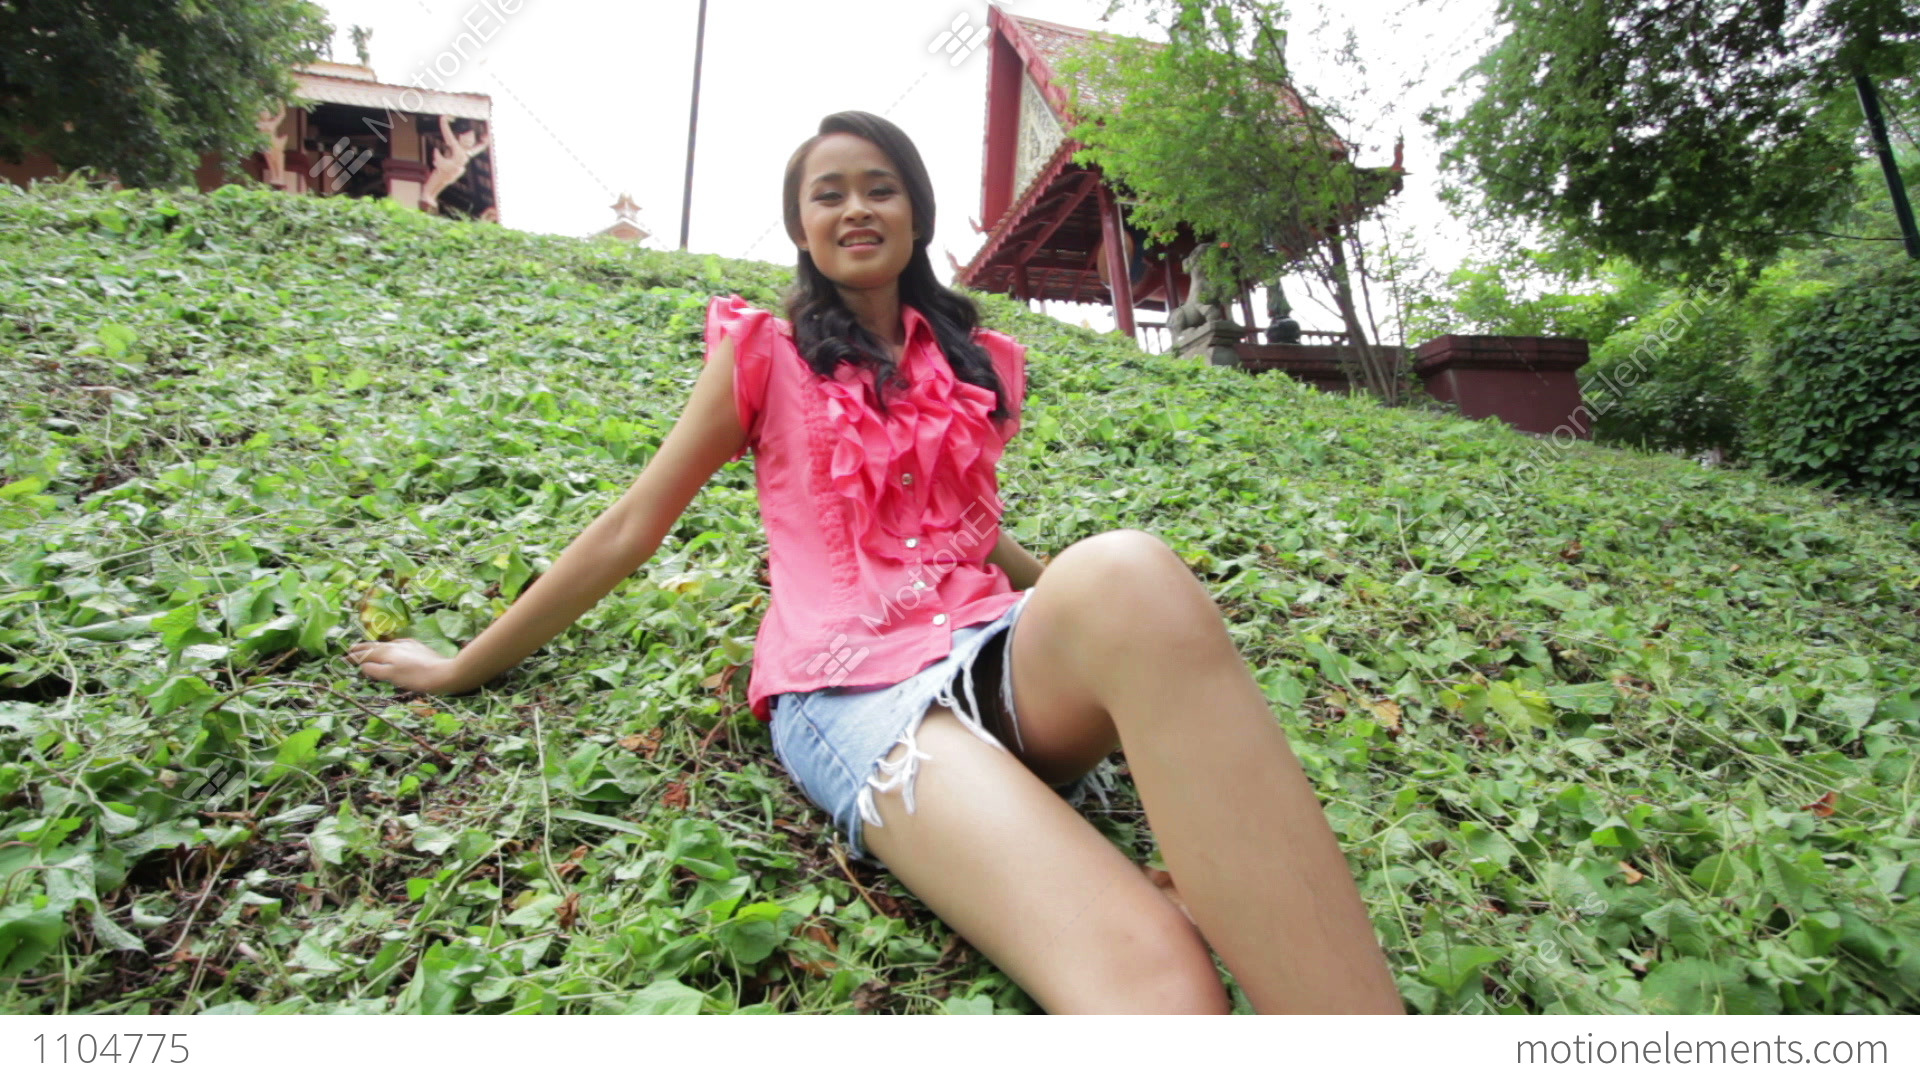 Asian girls video, wand massager vibrator